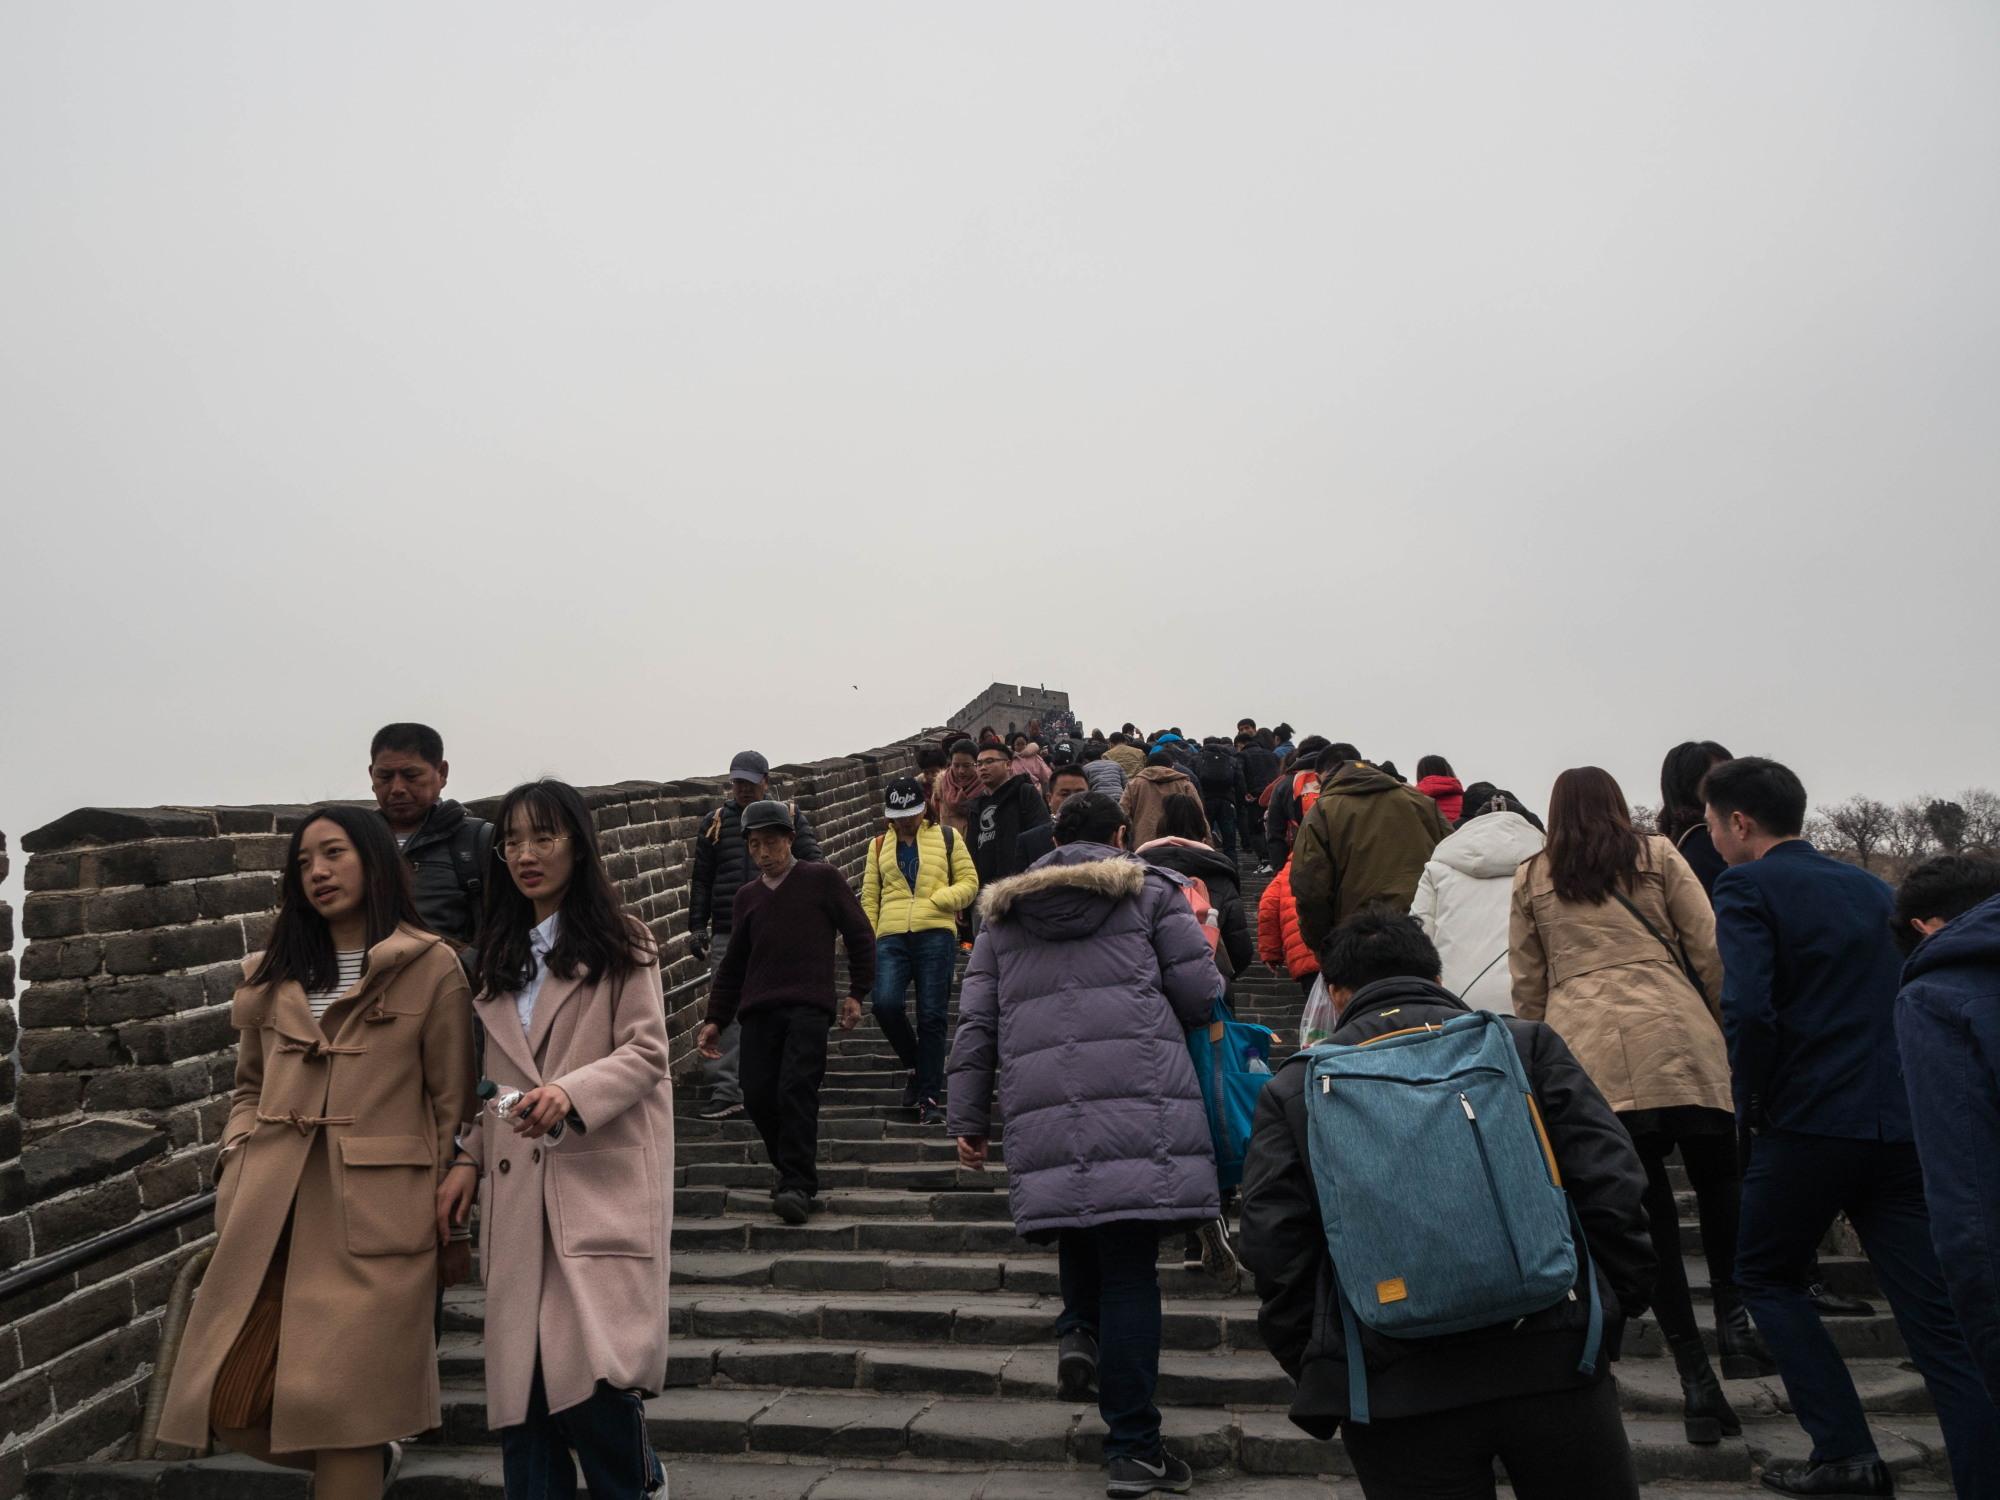 2019北京・万里の長城vol.4~超有名観光地・万里の長城へ行く~_f0276498_17120319.jpg